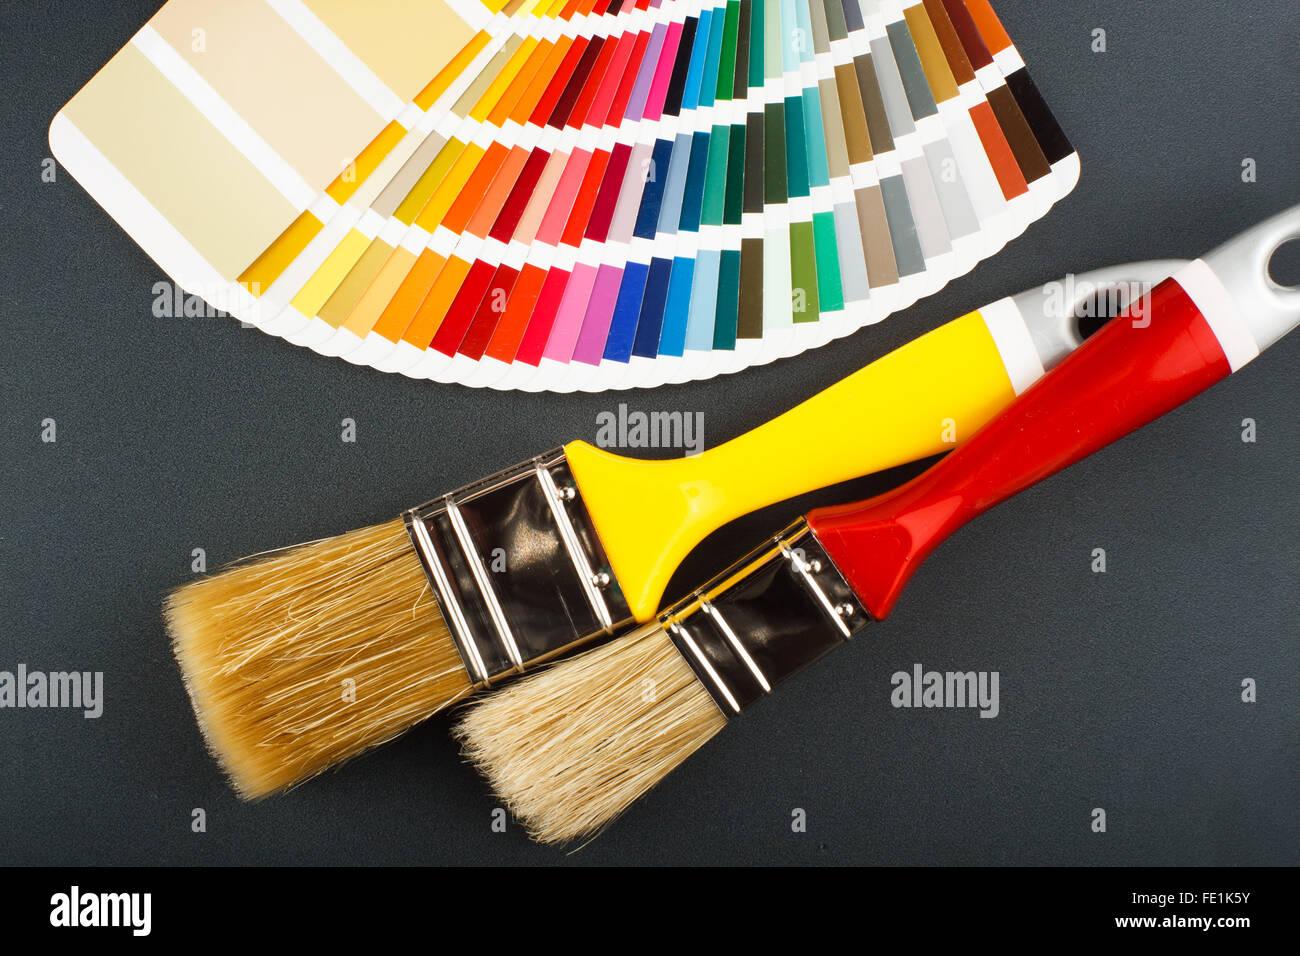 Karte und Farbe Pinsel Farbe auf dunklem Hintergrund Stockbild